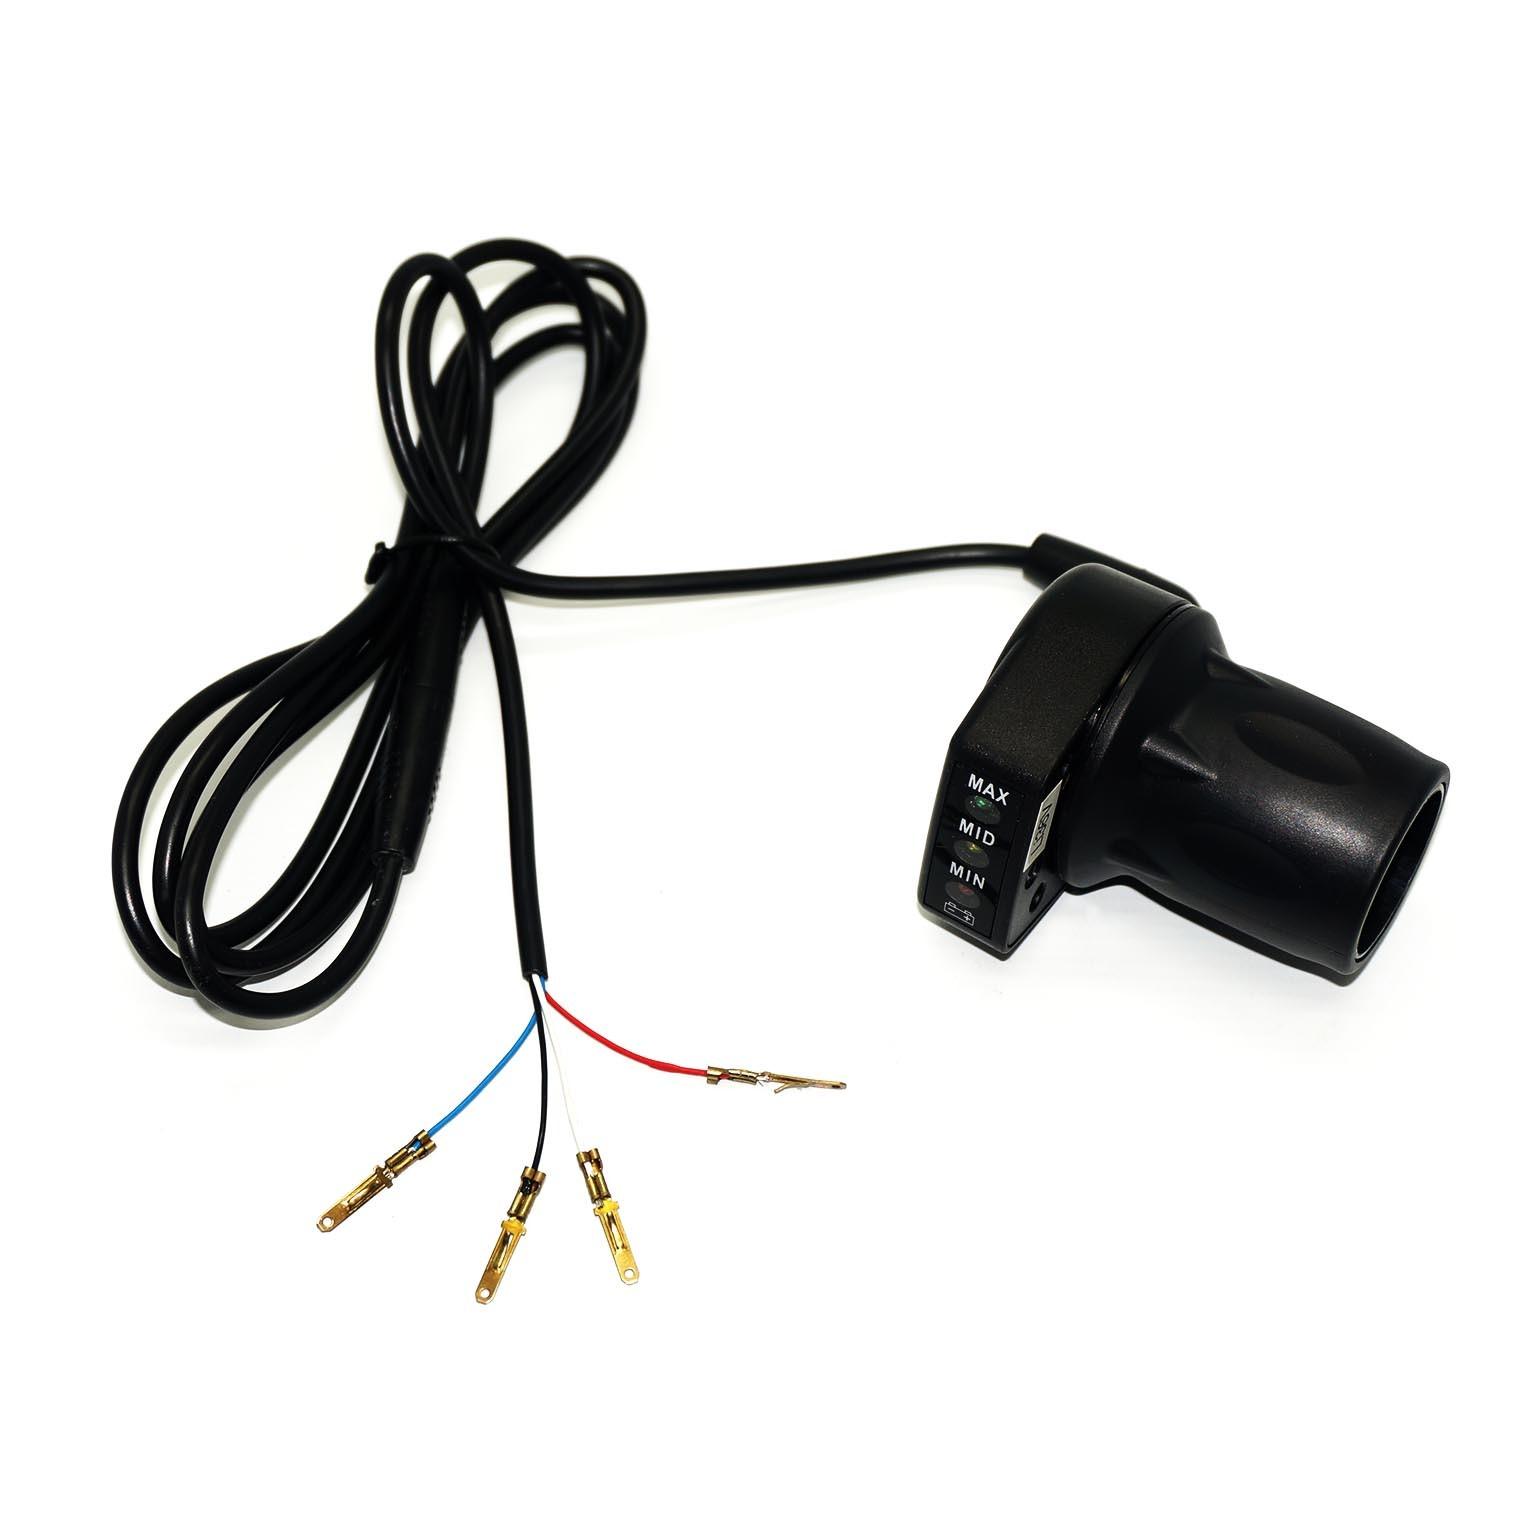 Acelerador C/ Marcador de Bateria 36v (Meio Punho)